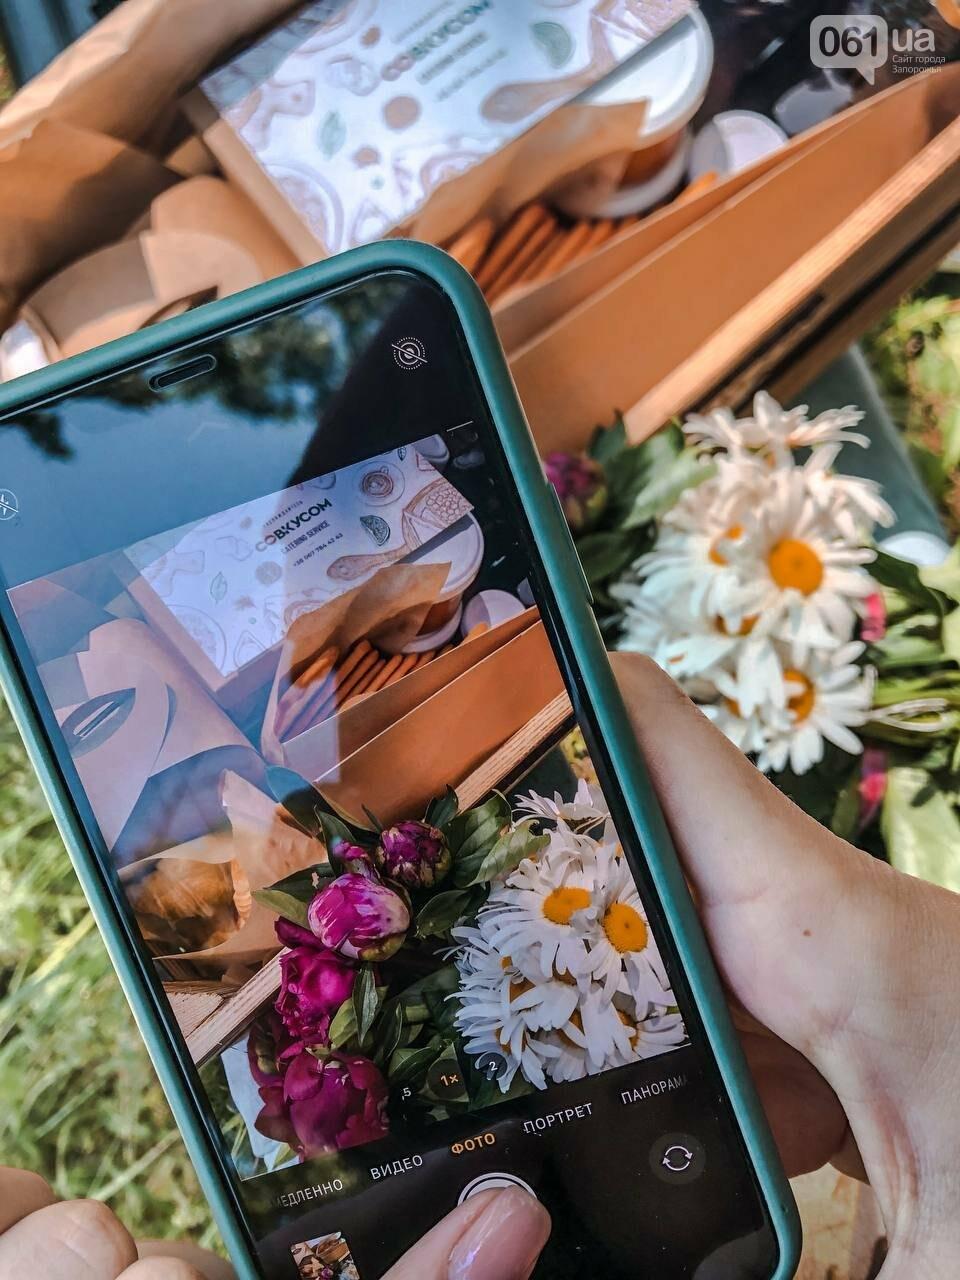 Кейтеринг-сервис «Со Вкусом» в Запорожье – это всегда вкусно, эстетично и с заботой об экологии, фото-13